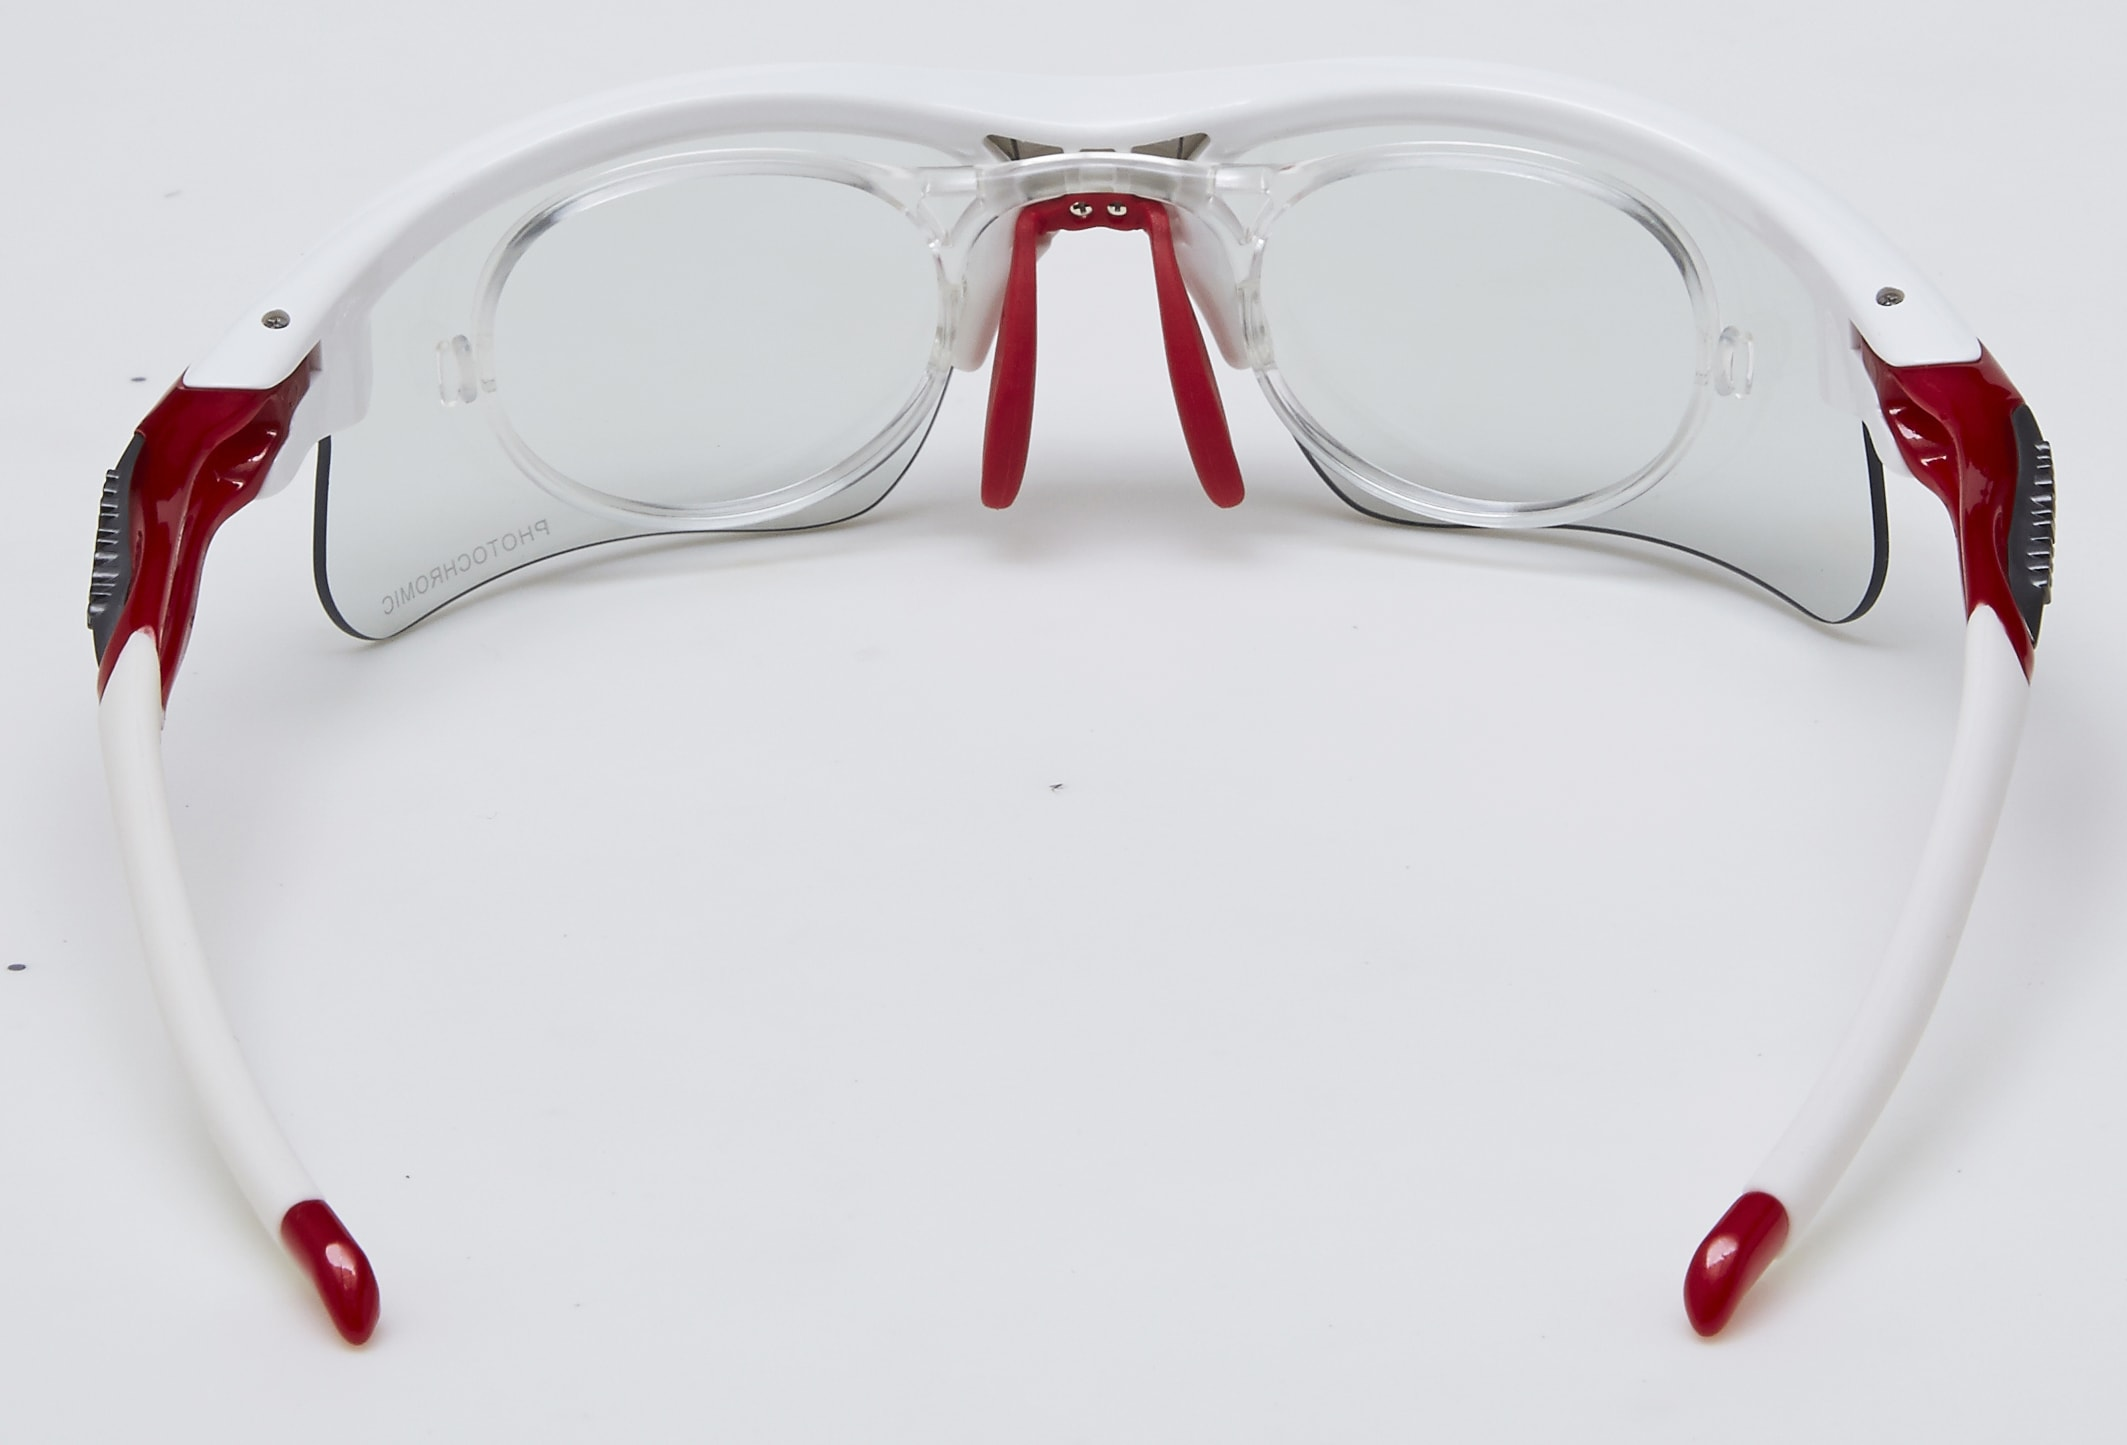 clip optico feel morys ms-047 fotocromatica blanca